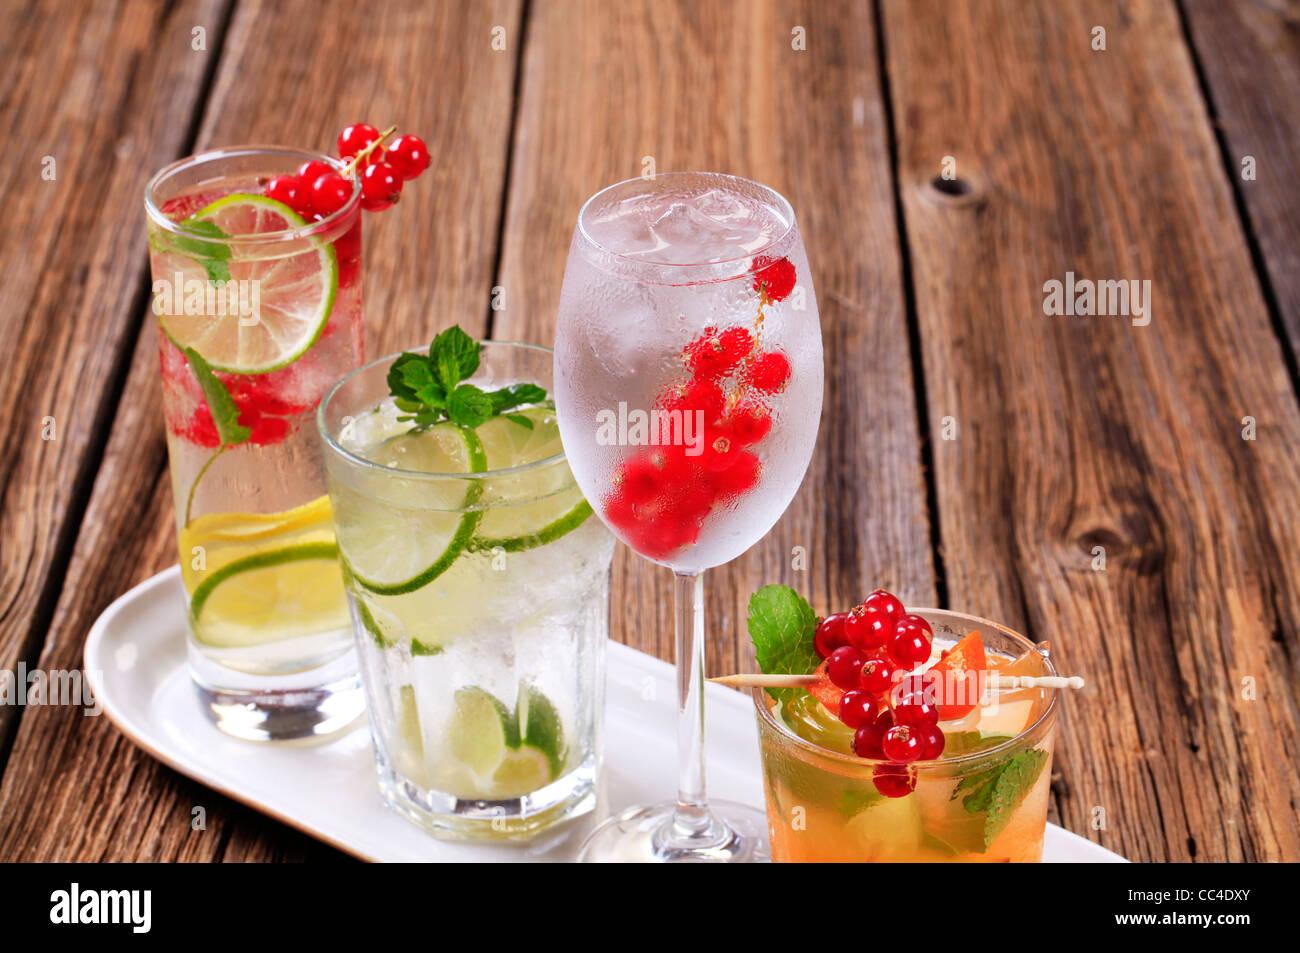 Brille von eisgekühlten Getränken, garniert mit frischen Früchten Stockbild